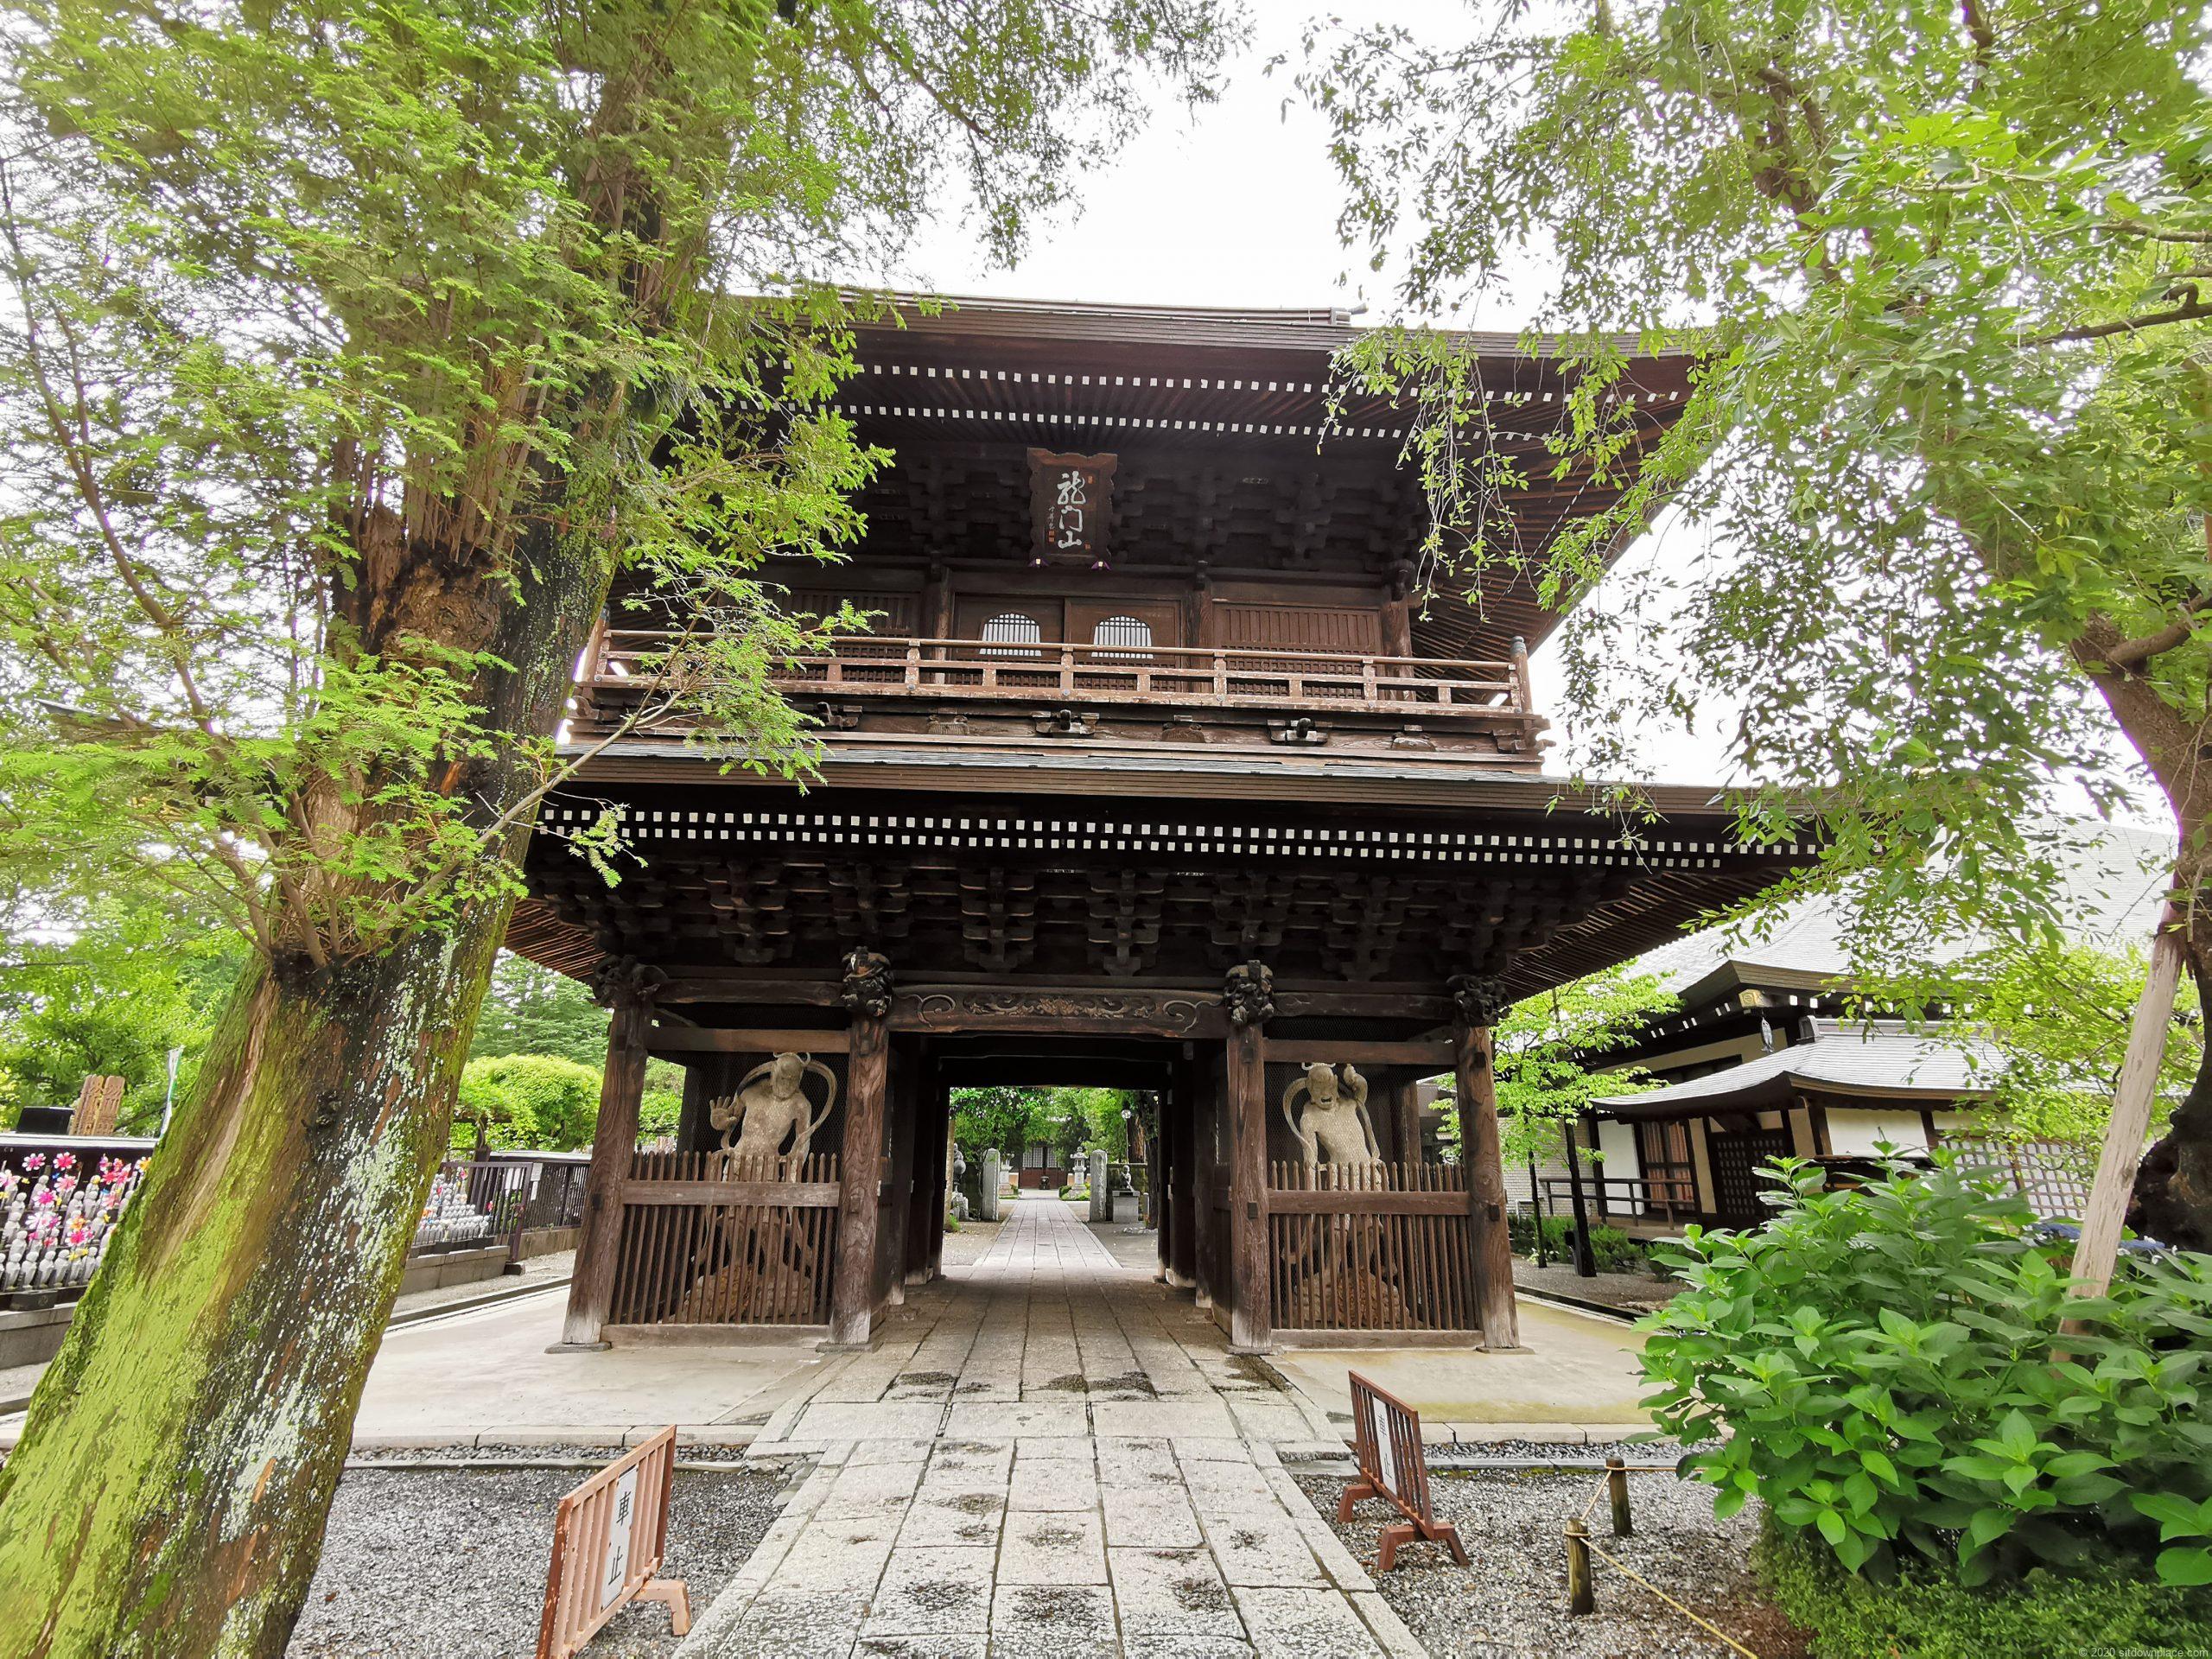 分倍河原駅 高安寺 弁慶硯の井戸の入口